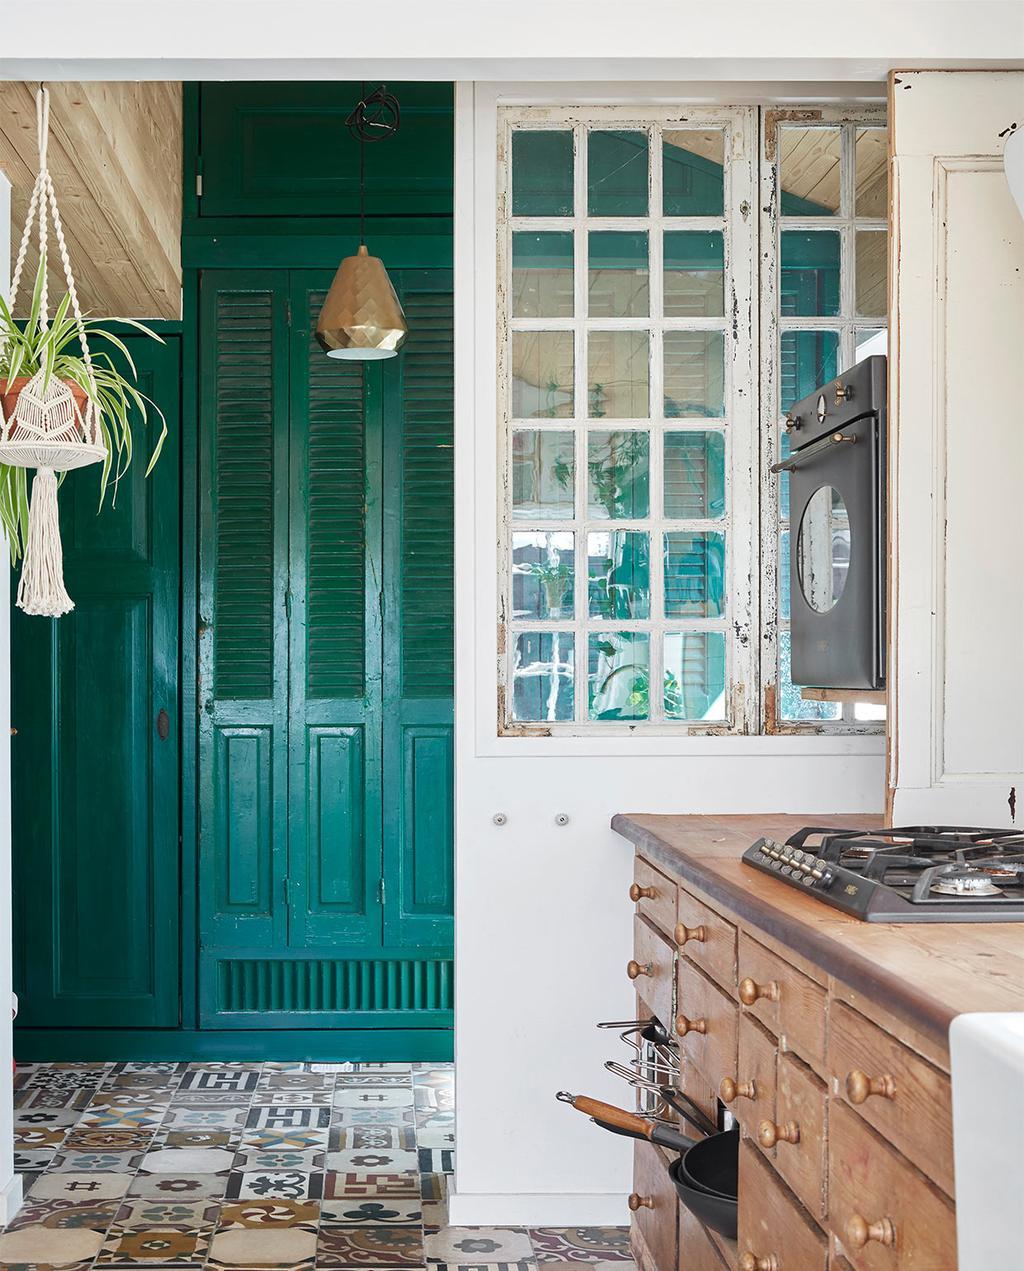 vtwonen special zomerhuizen 07-2021 | groene deur bij de keuken met bijzondere vloertegels